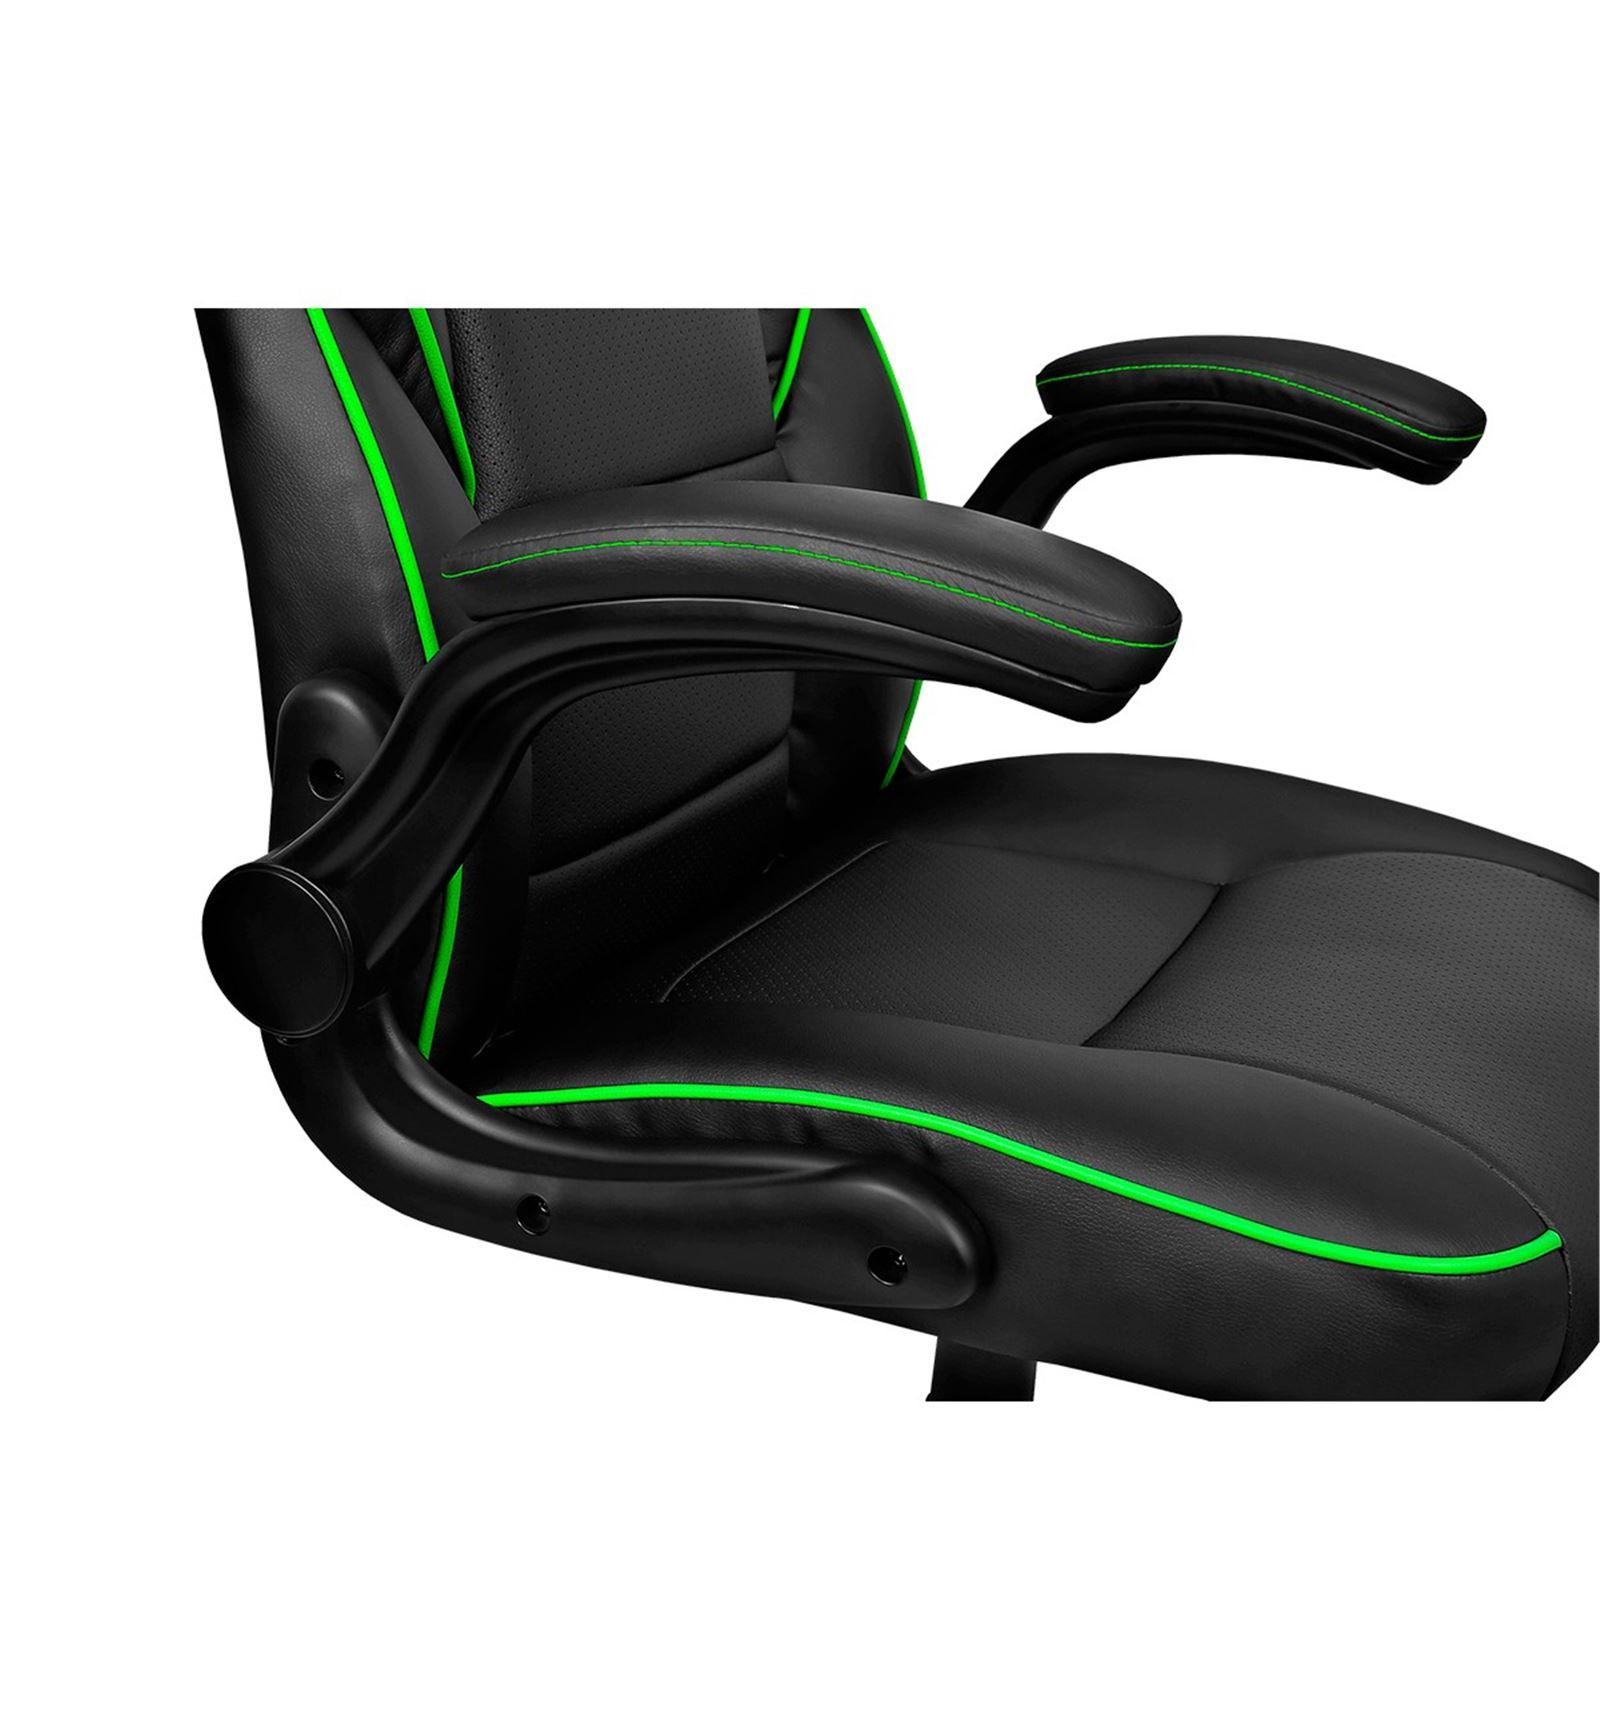 Comprar Silla Gaming Drift Dr75 Negra Verde Red Computer